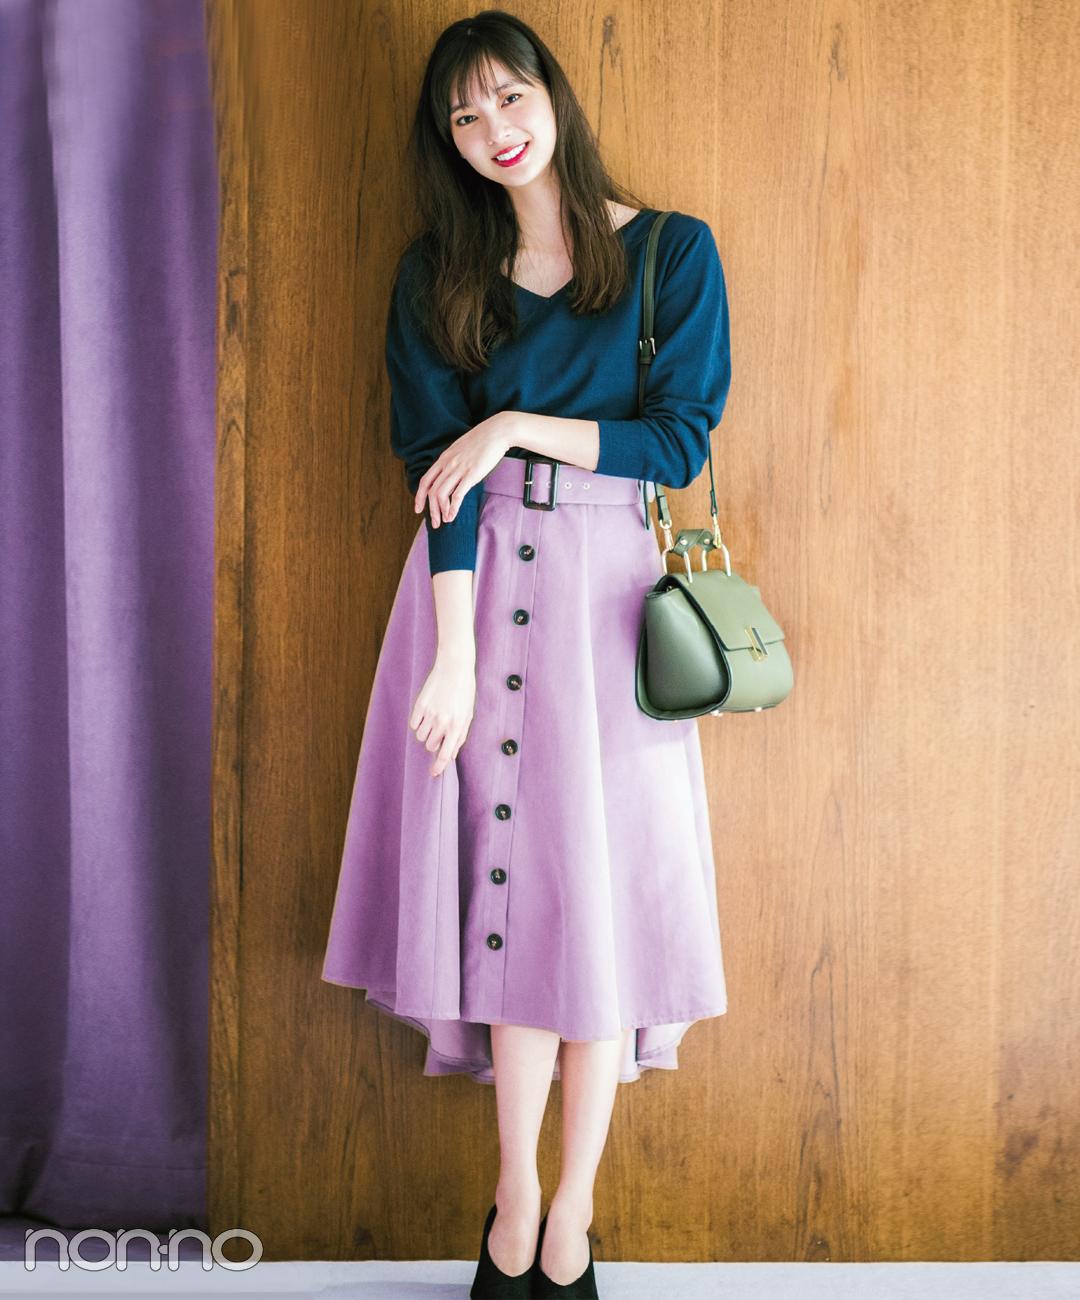 【ショルダーバッグコーデ】華やかピンクスカートをニュアンスカラーでレディにイメチェン